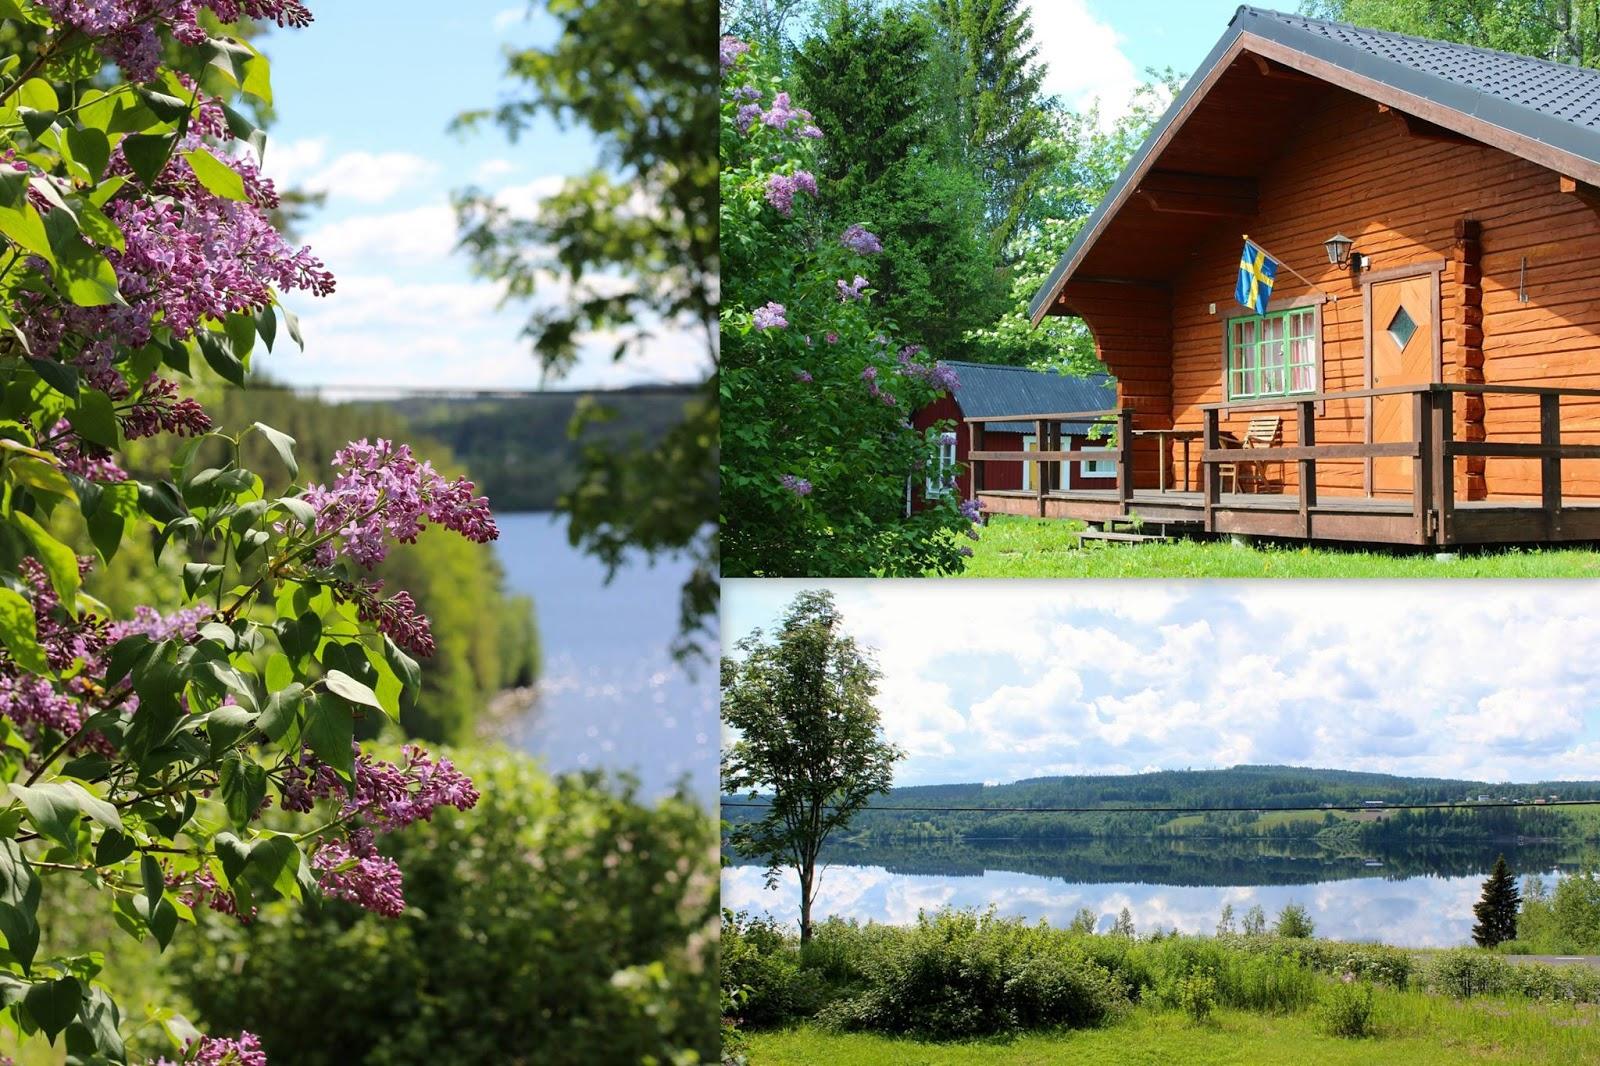 stuga uthyres i Ångermanland Sollefteå nära Höga kusten stugor holiday cabin